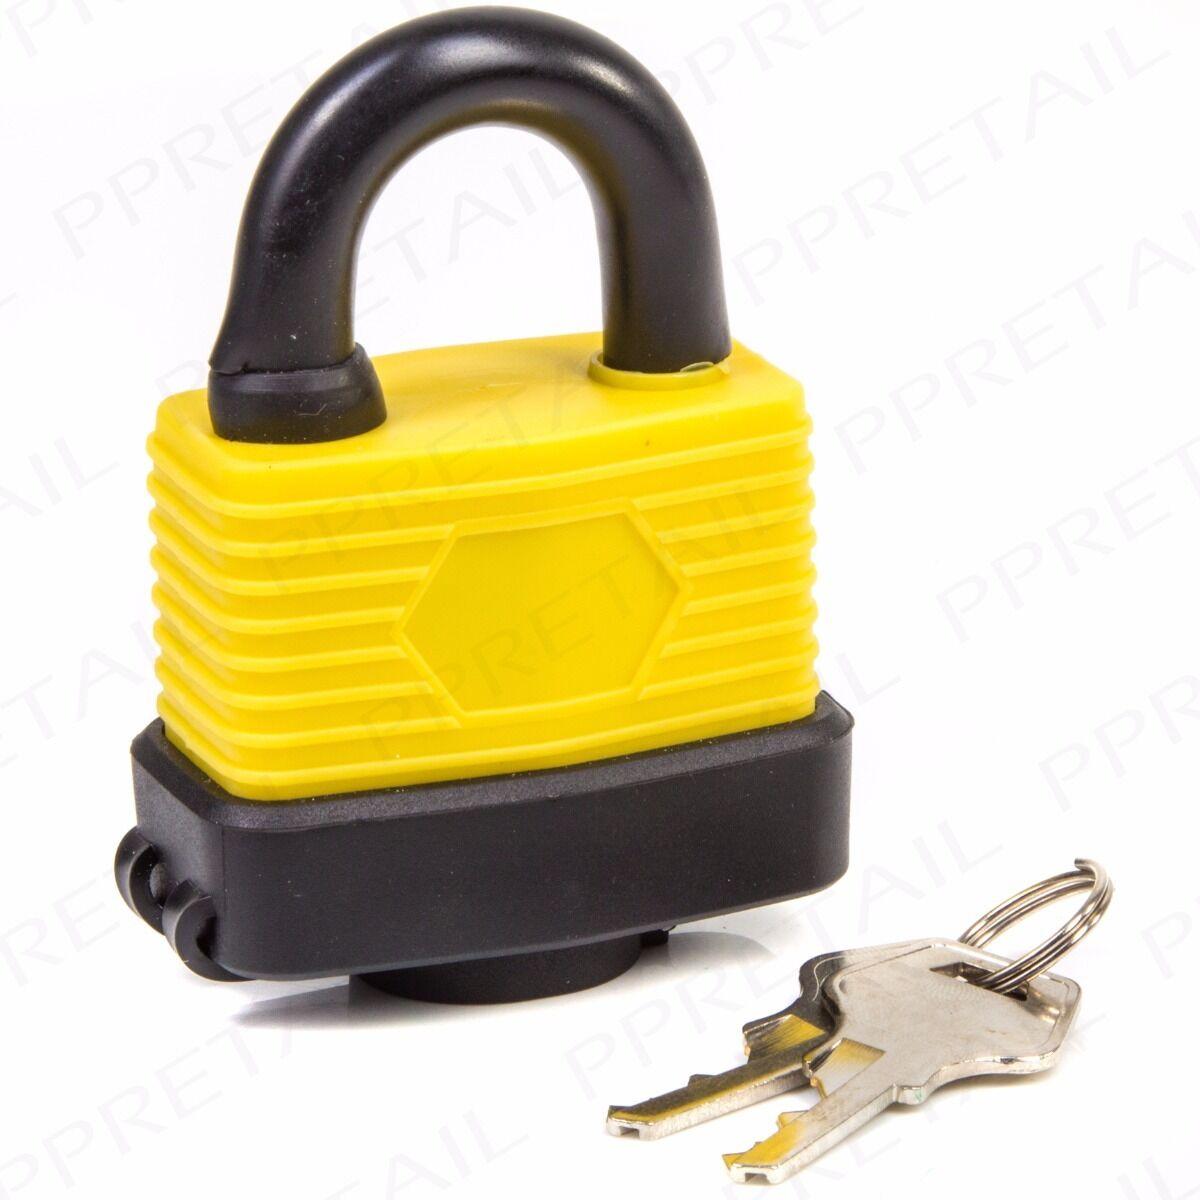 SMALL-LARGE Waterproof Padlocks 40mm//50mm//65mm HEAVY DUTY Locks /& Keys Weather